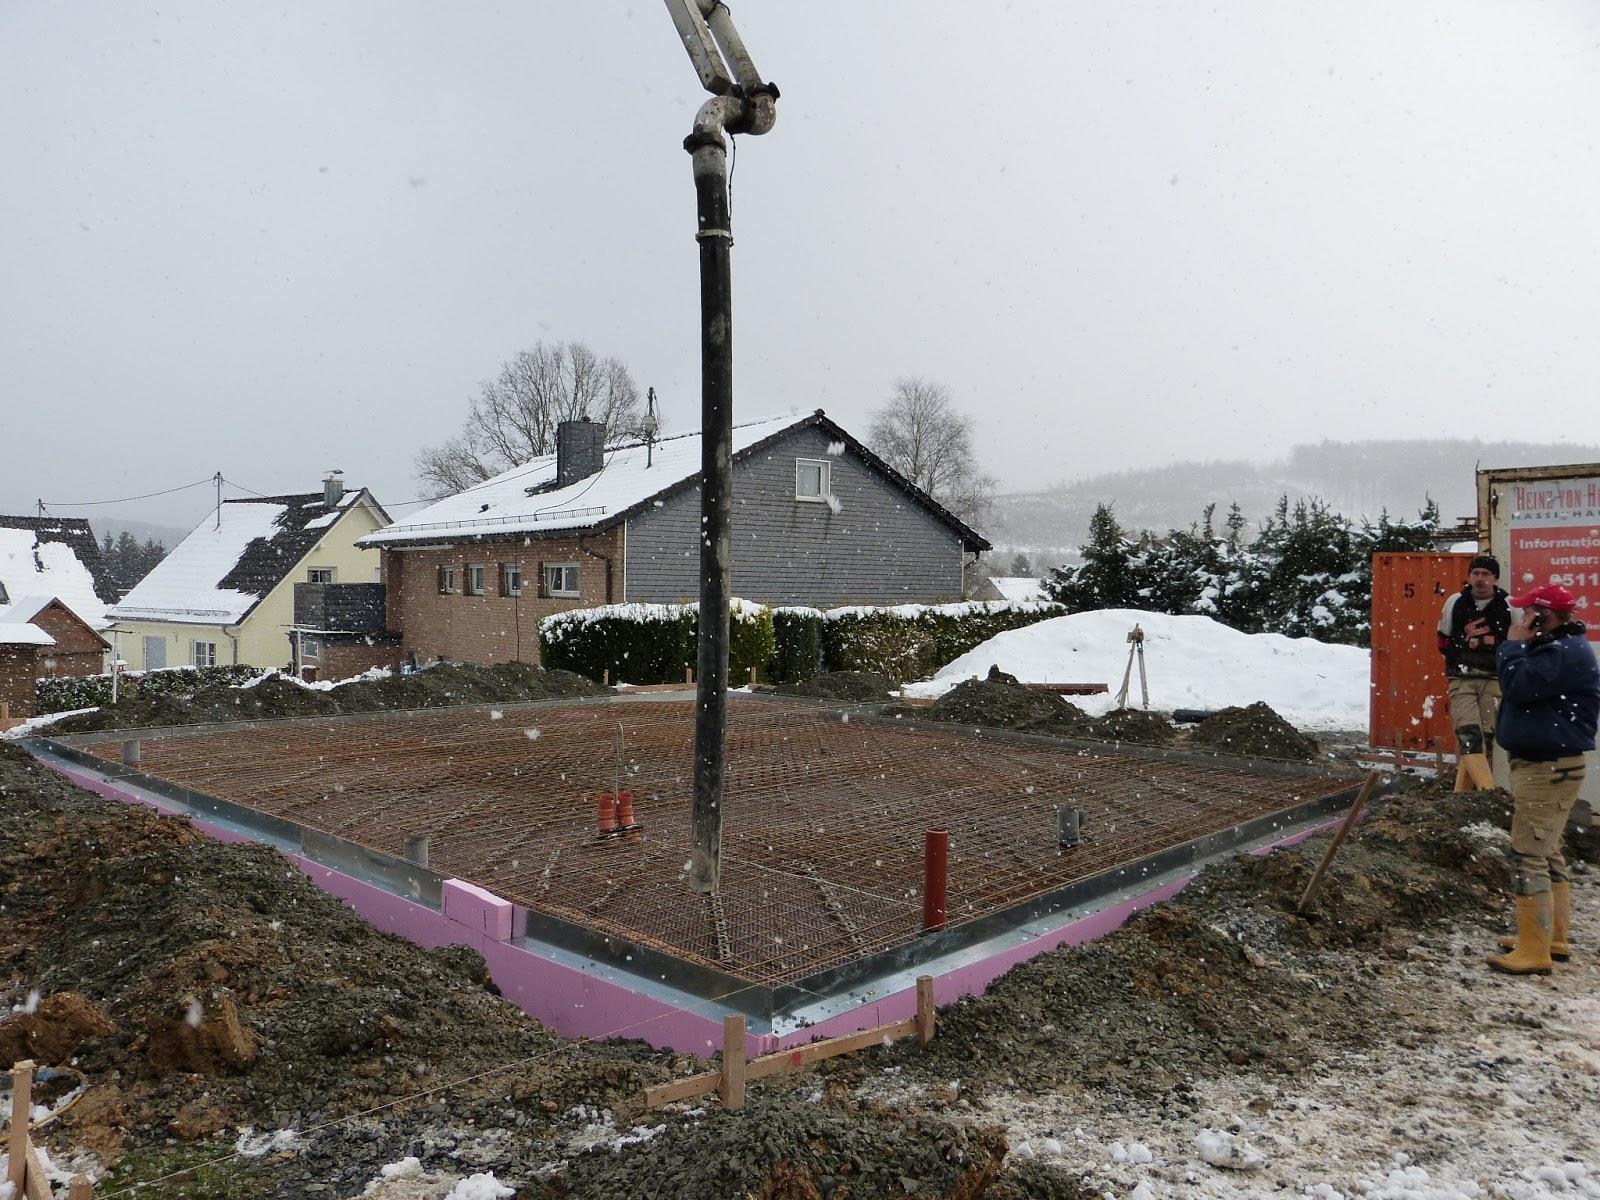 Miriam Und Daniel Bauen Bodenplatte Giessen